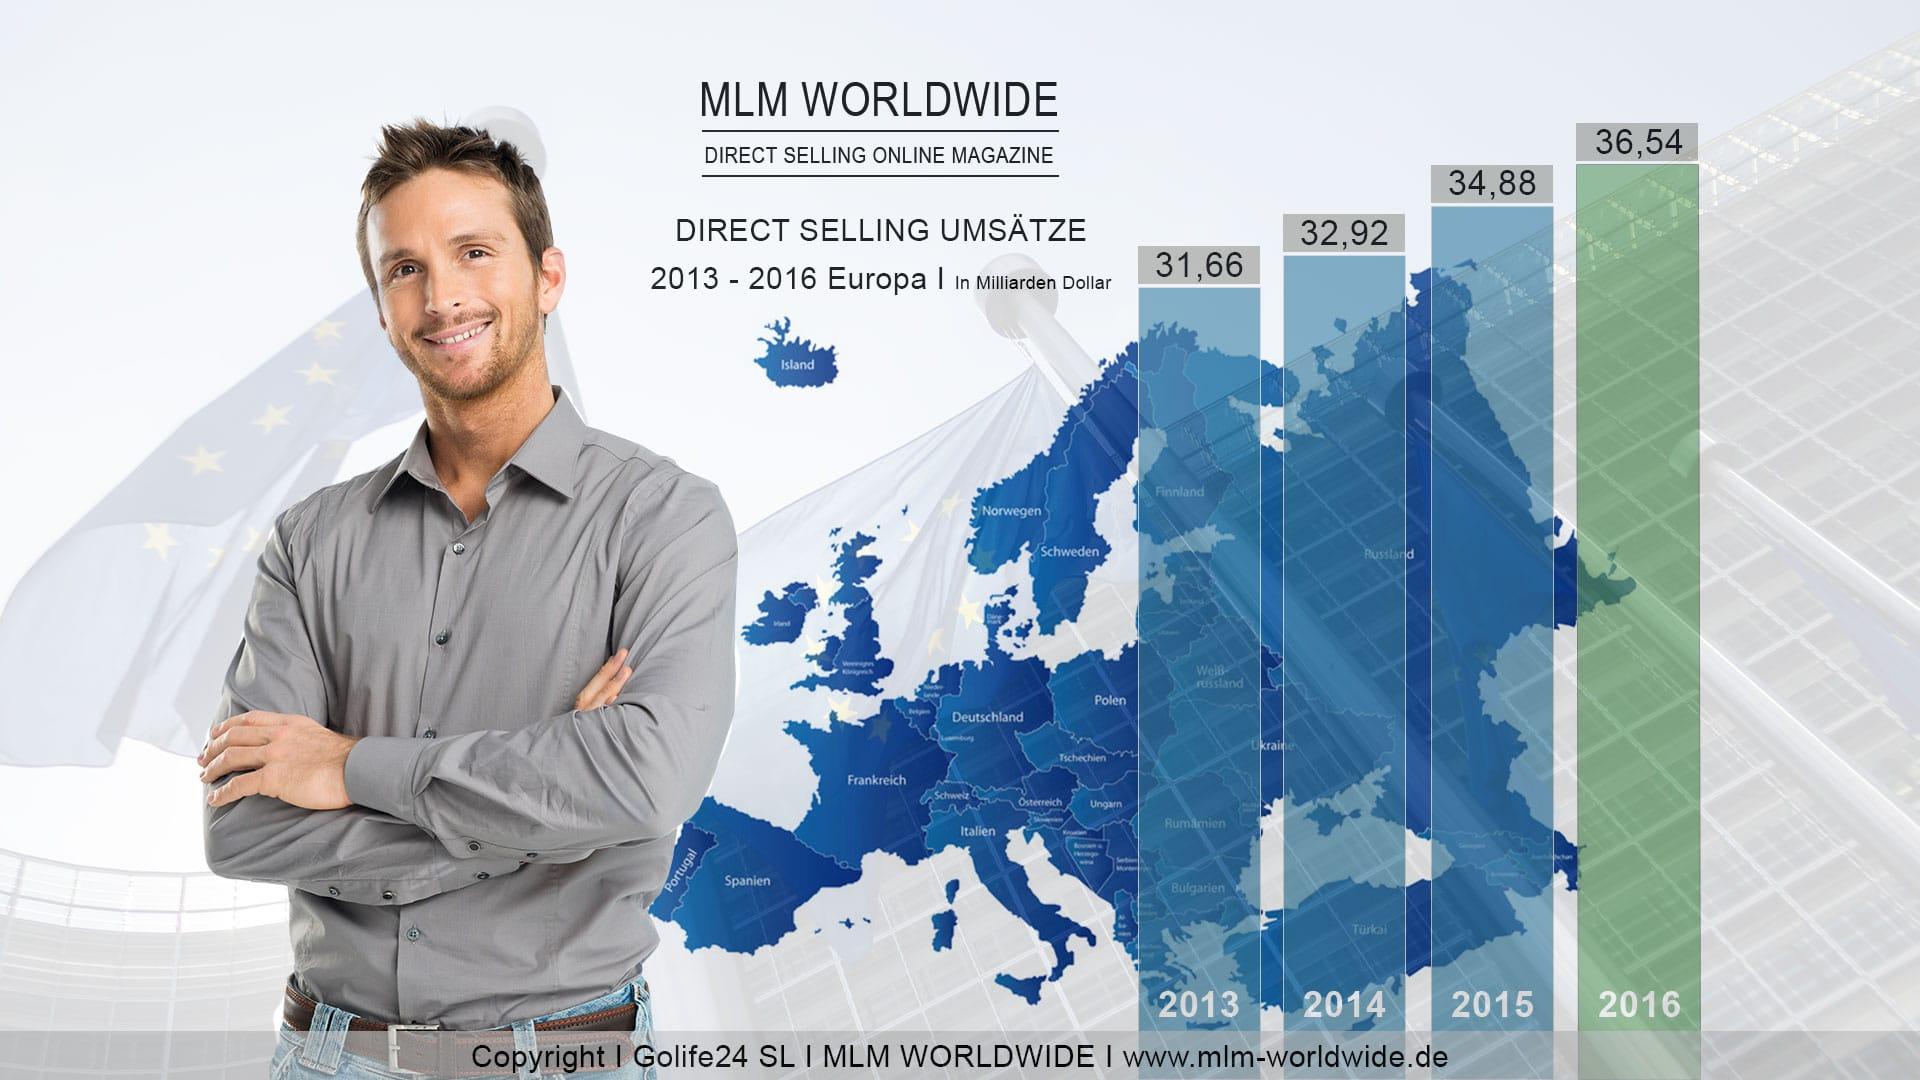 Direct-Selling-Umsatz-Europa-2013-bis-2016